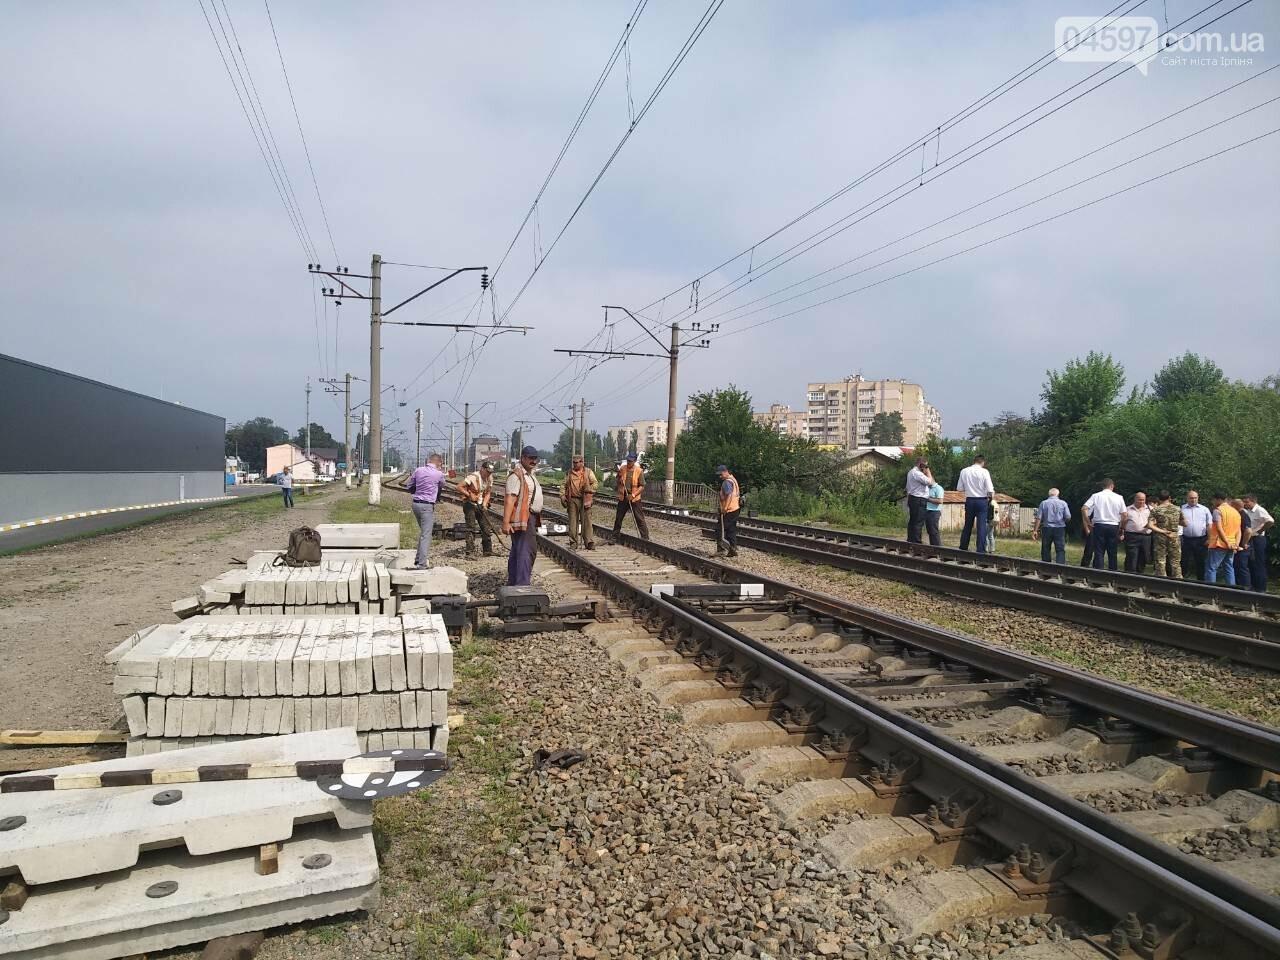 В Ірпені розпочали облаштування наземного переходу через залізничні колії, фото-3